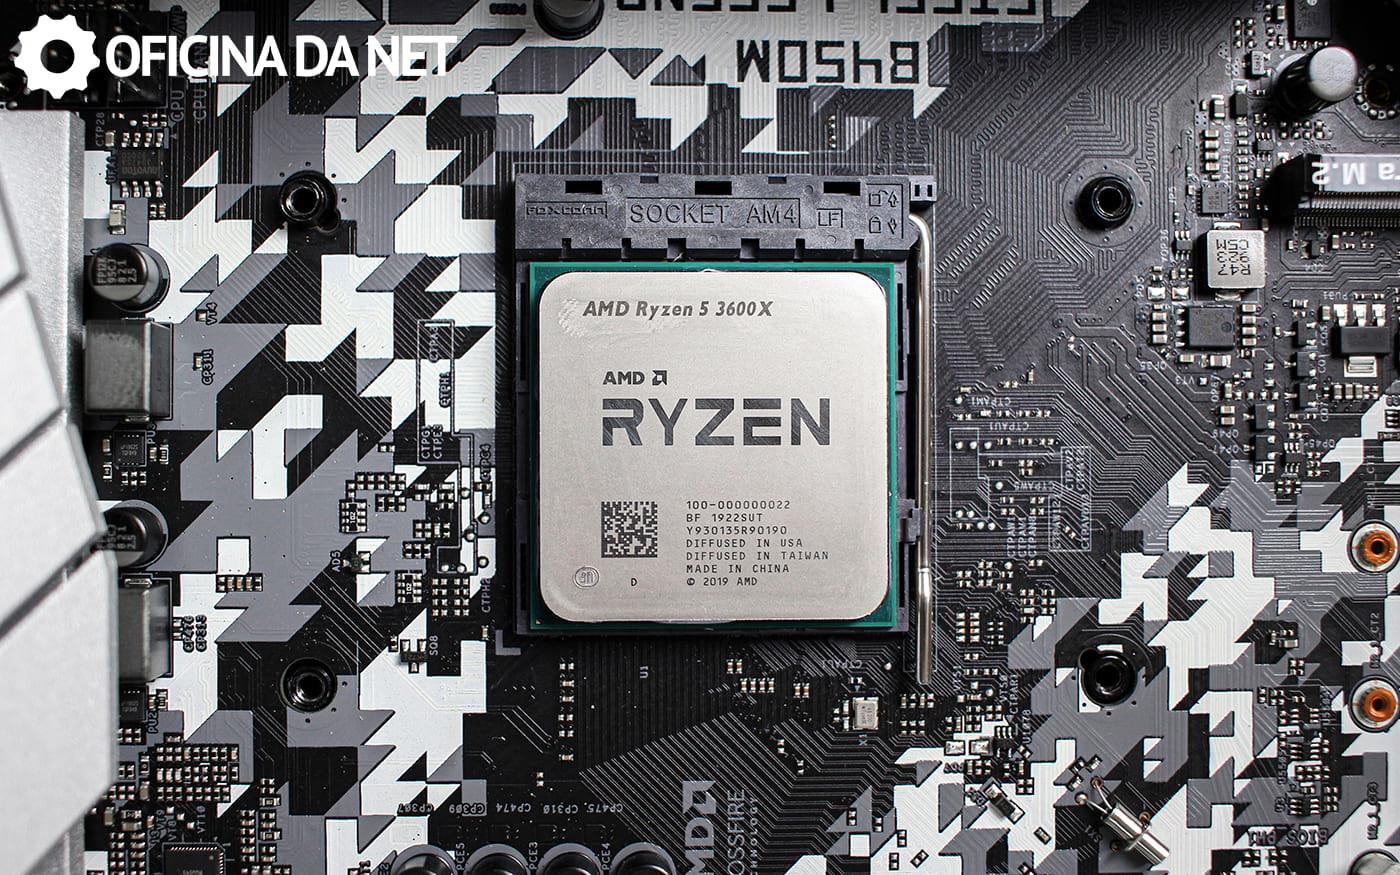 Análise Ryzen 5 3600X - O melhor processador intermediário